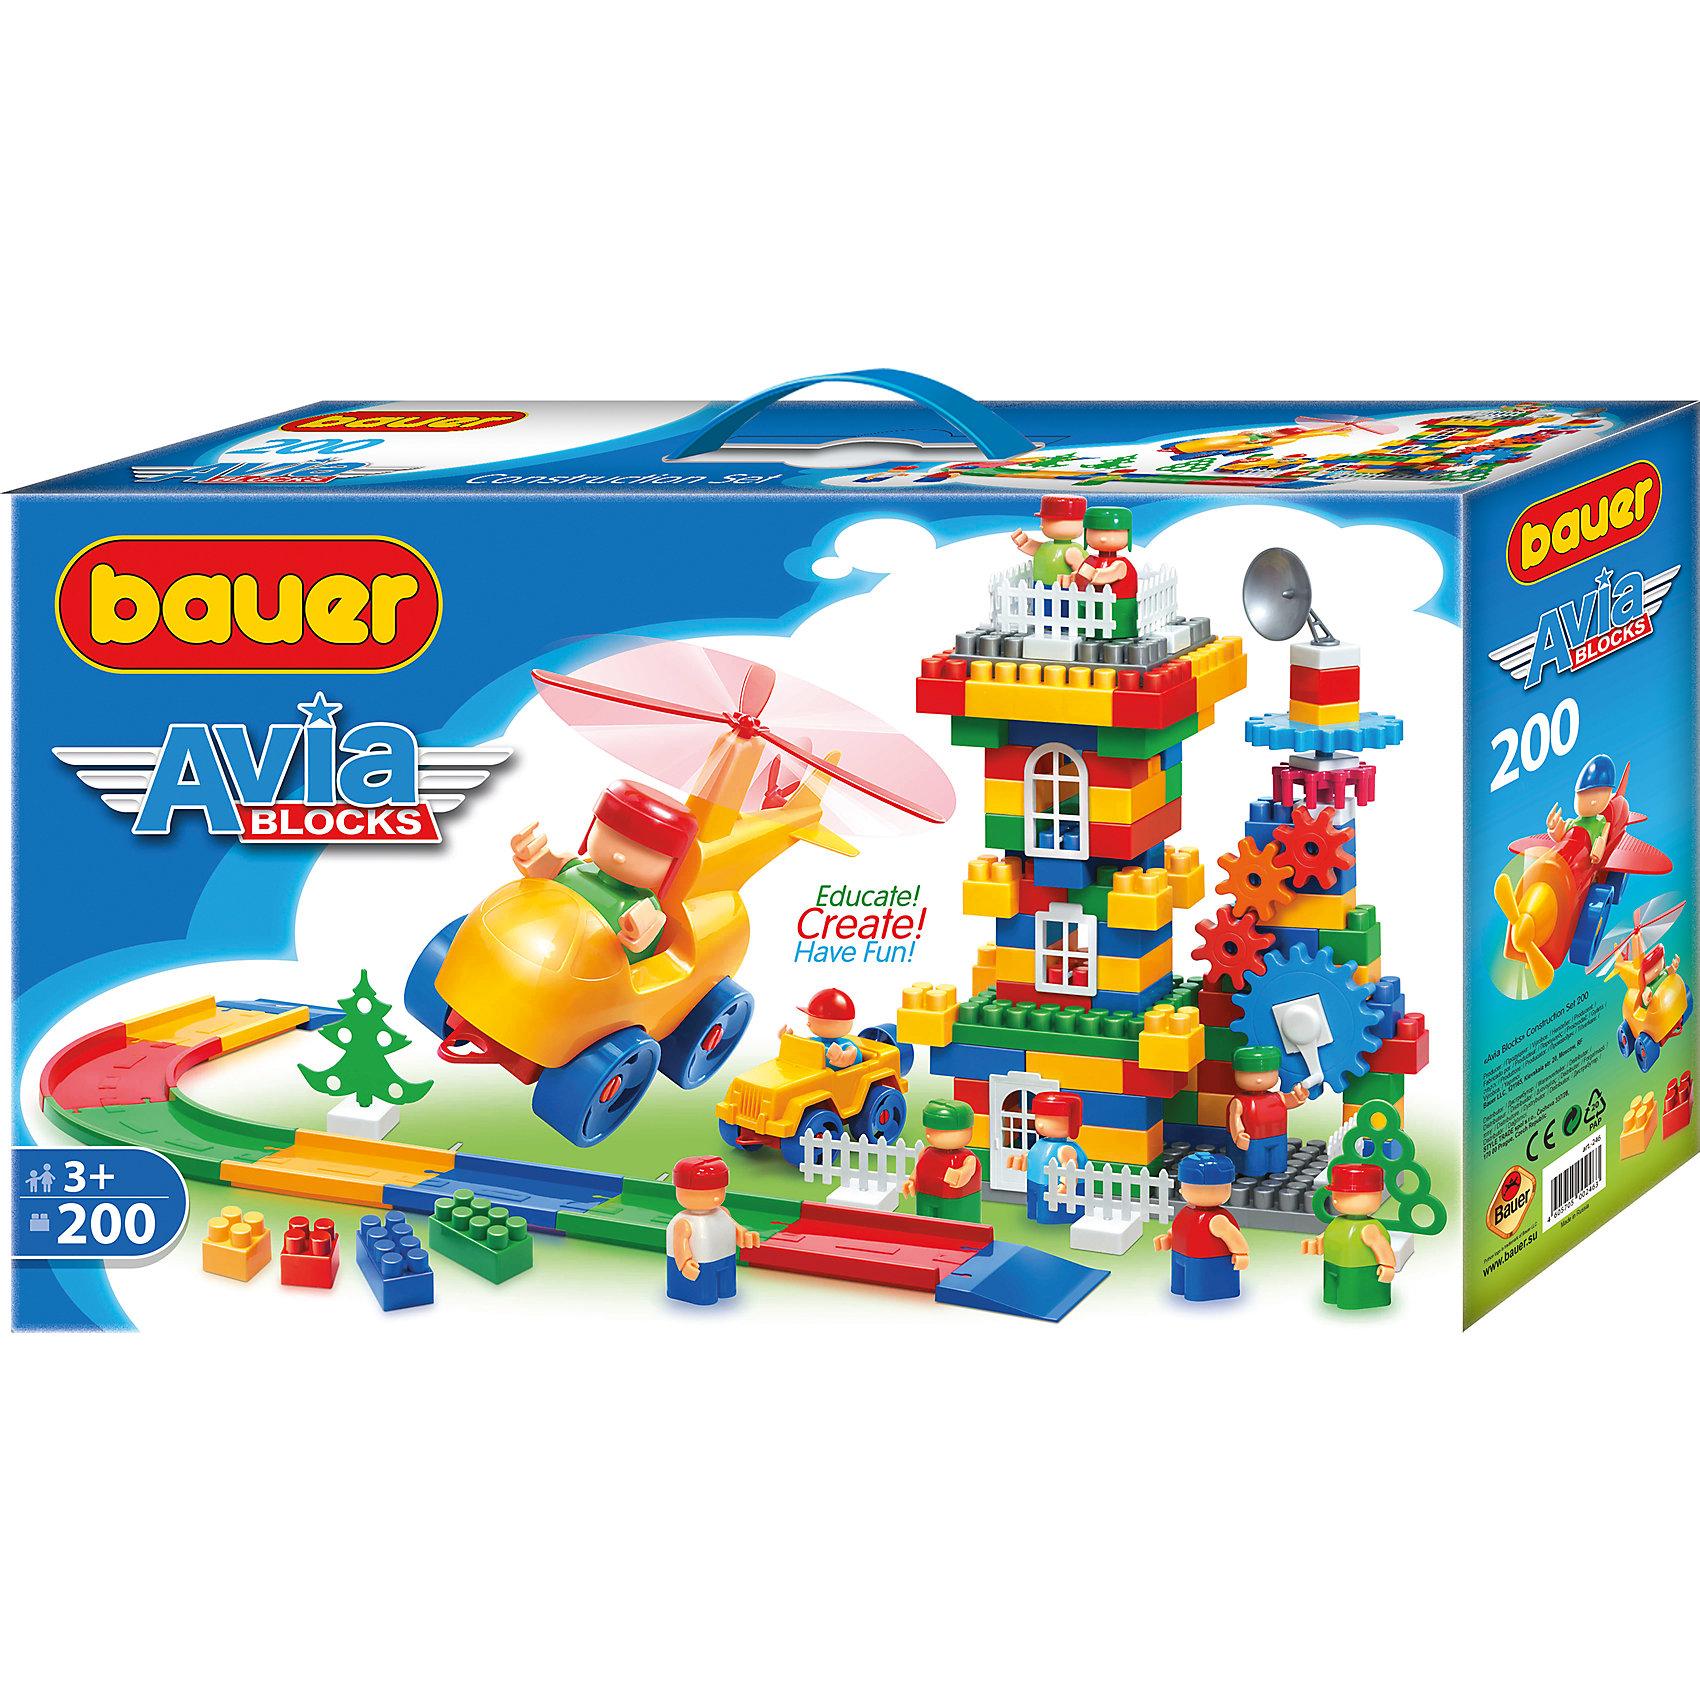 ����������� ����� Avia 200 �������, Bauer